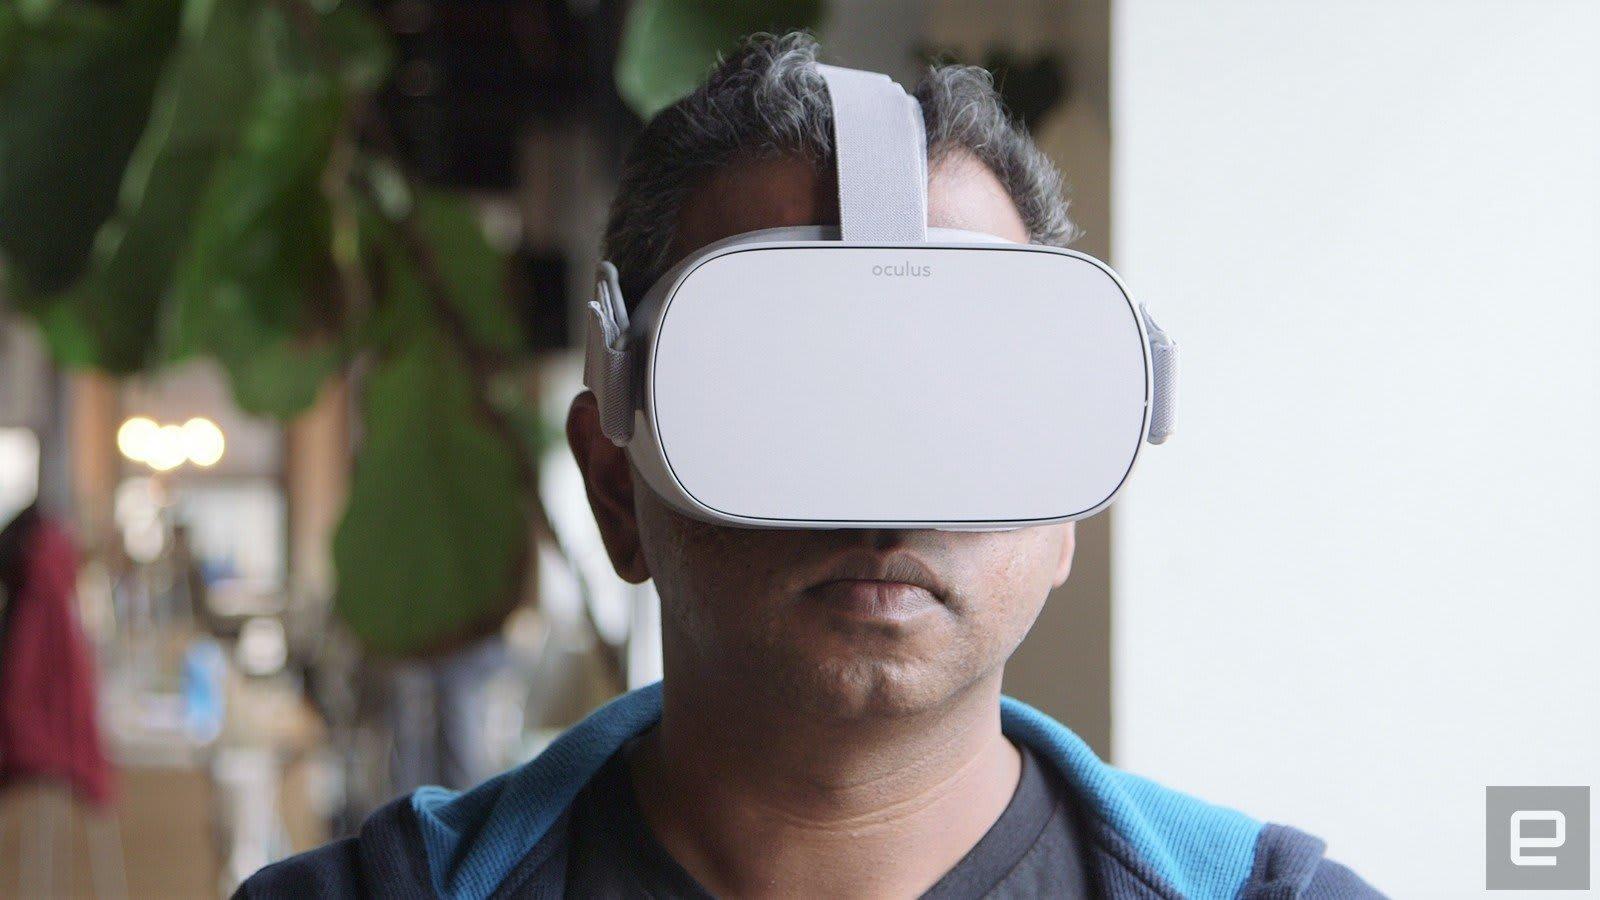 Recenzie Oculus Go: În sfârșit, VR ieftin și ușor pentru toată lumea